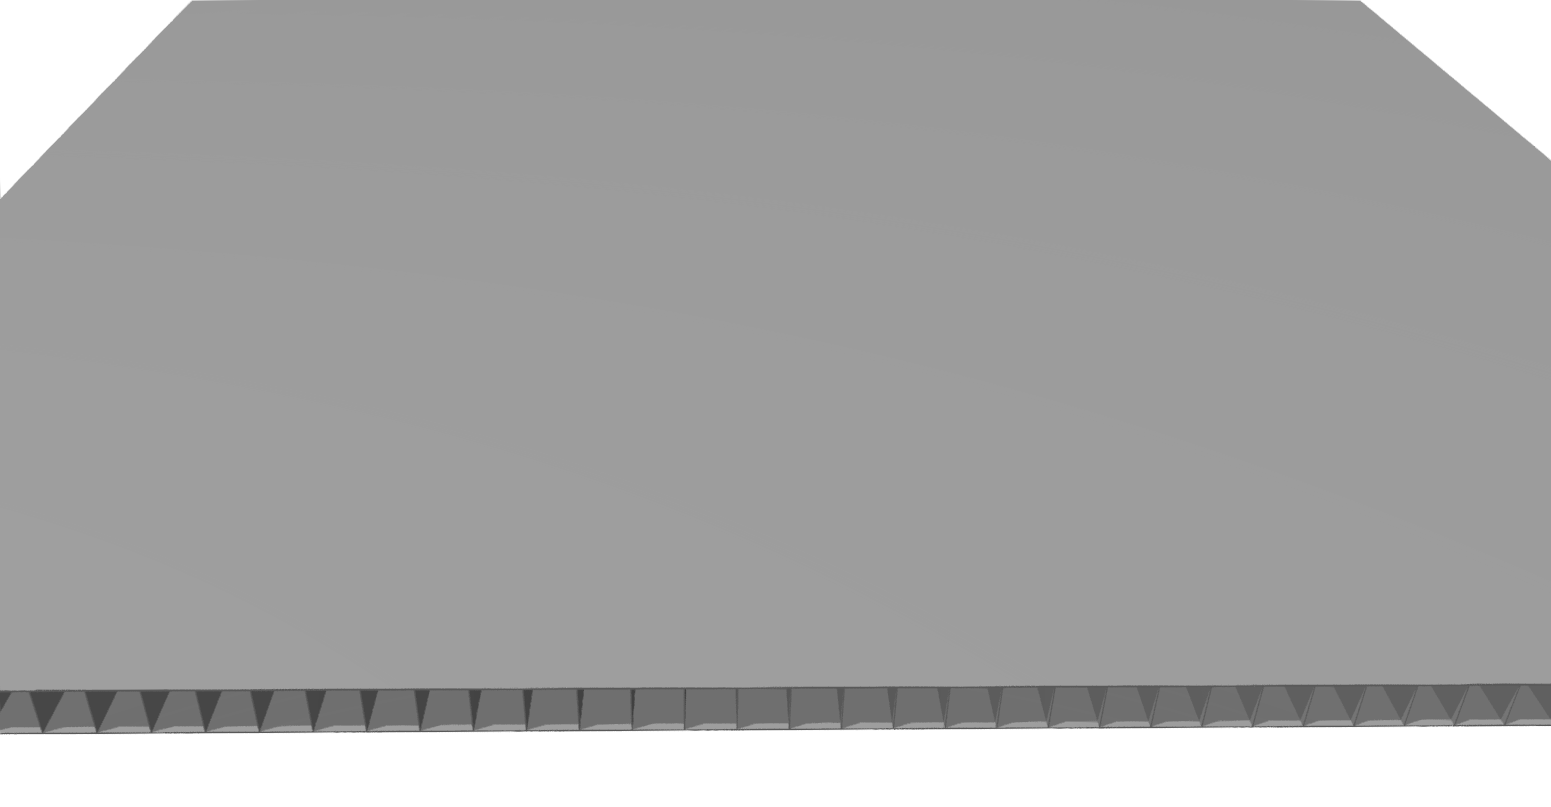 Stegplatte 4,5 mm PP, grau